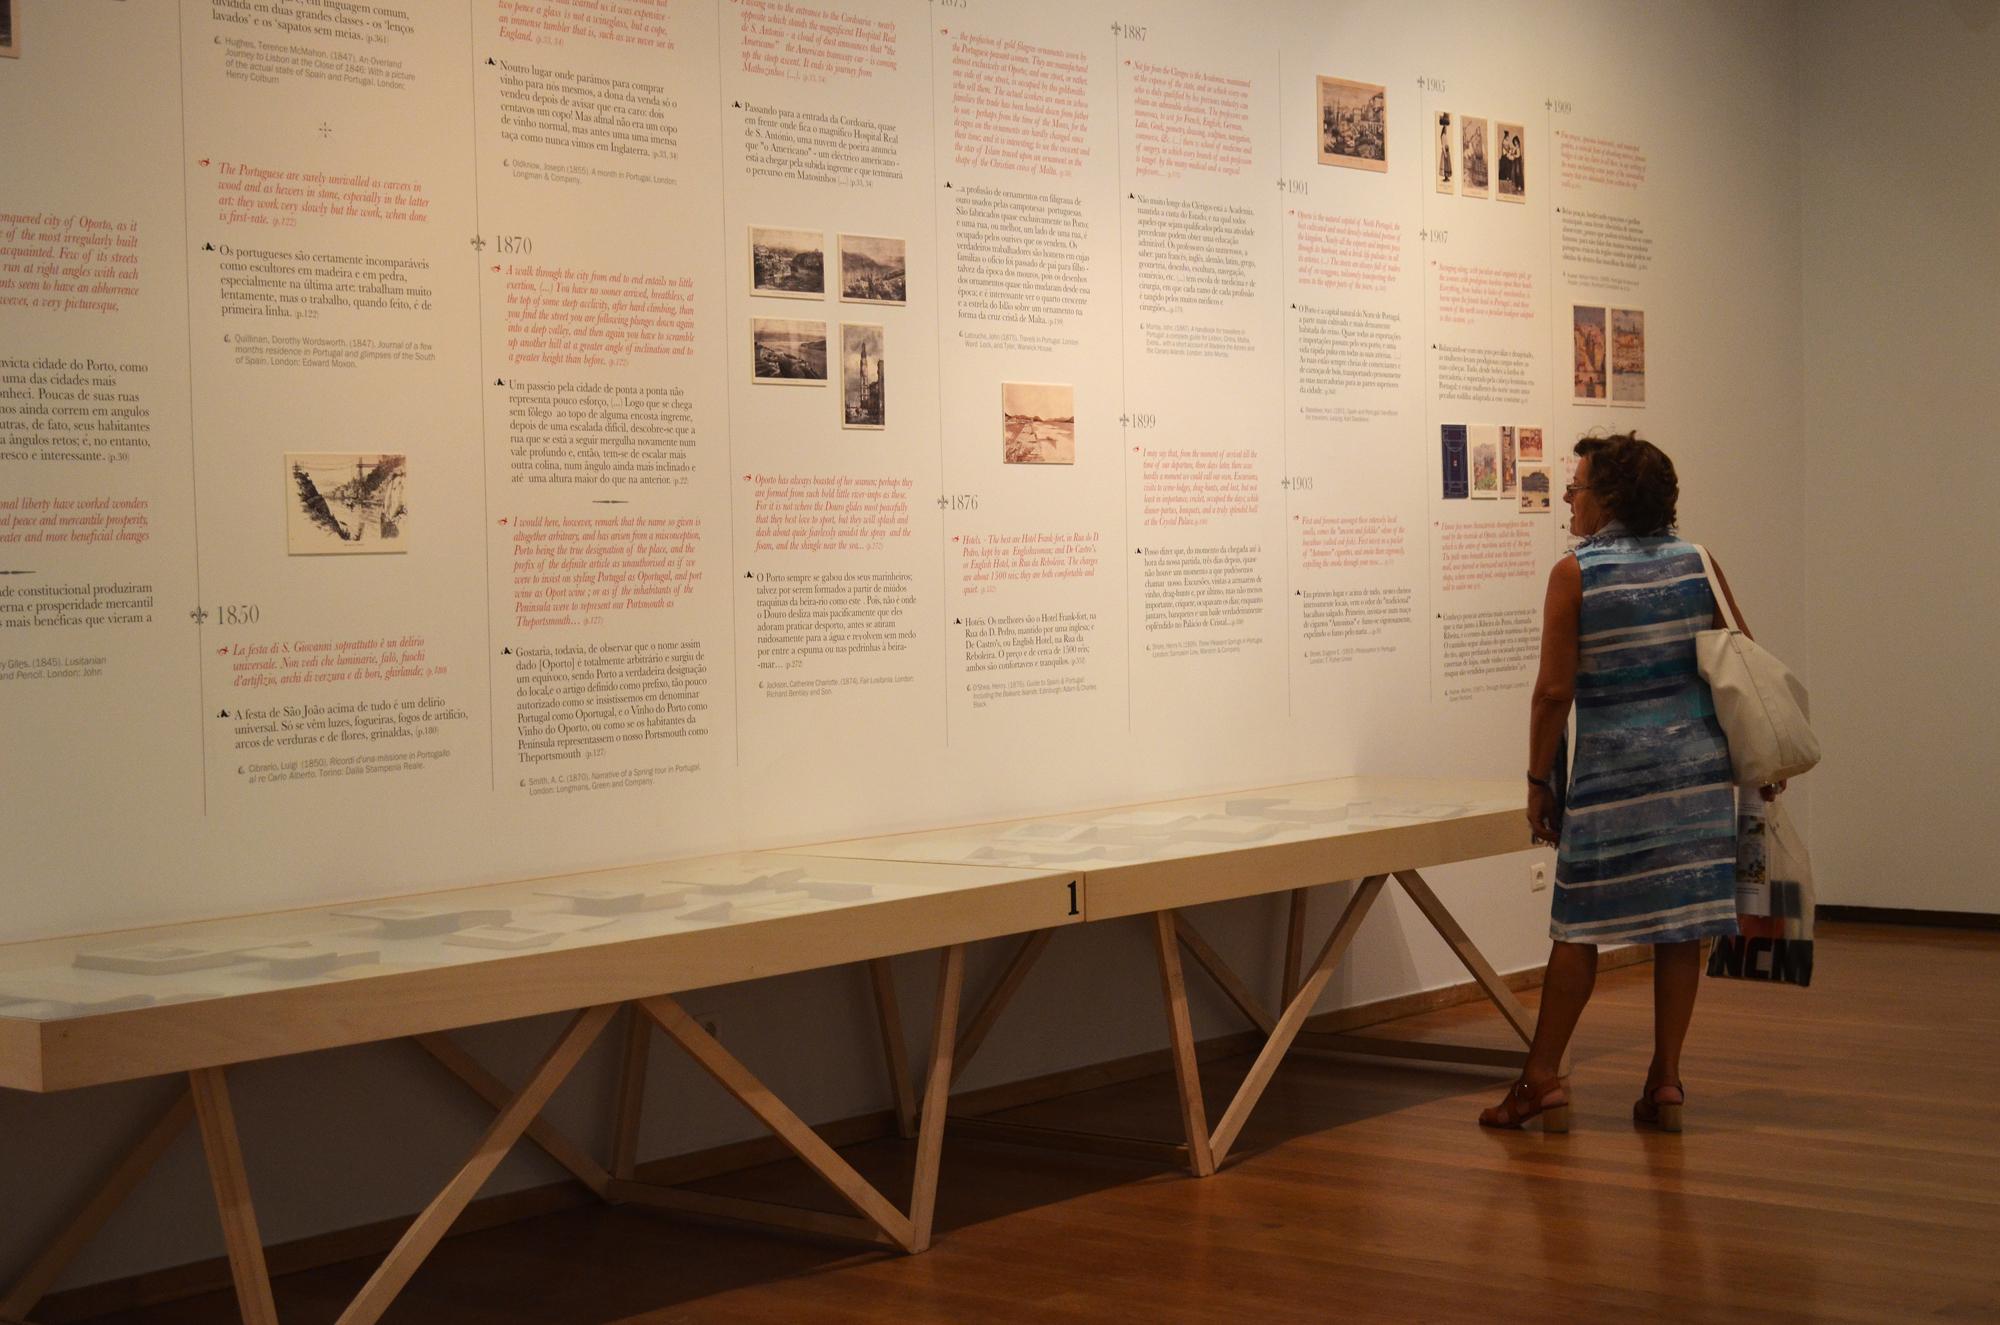 Exposição vai estar patente até 23 de setembro e está integrada na programação da Feira do Livro do Porto.